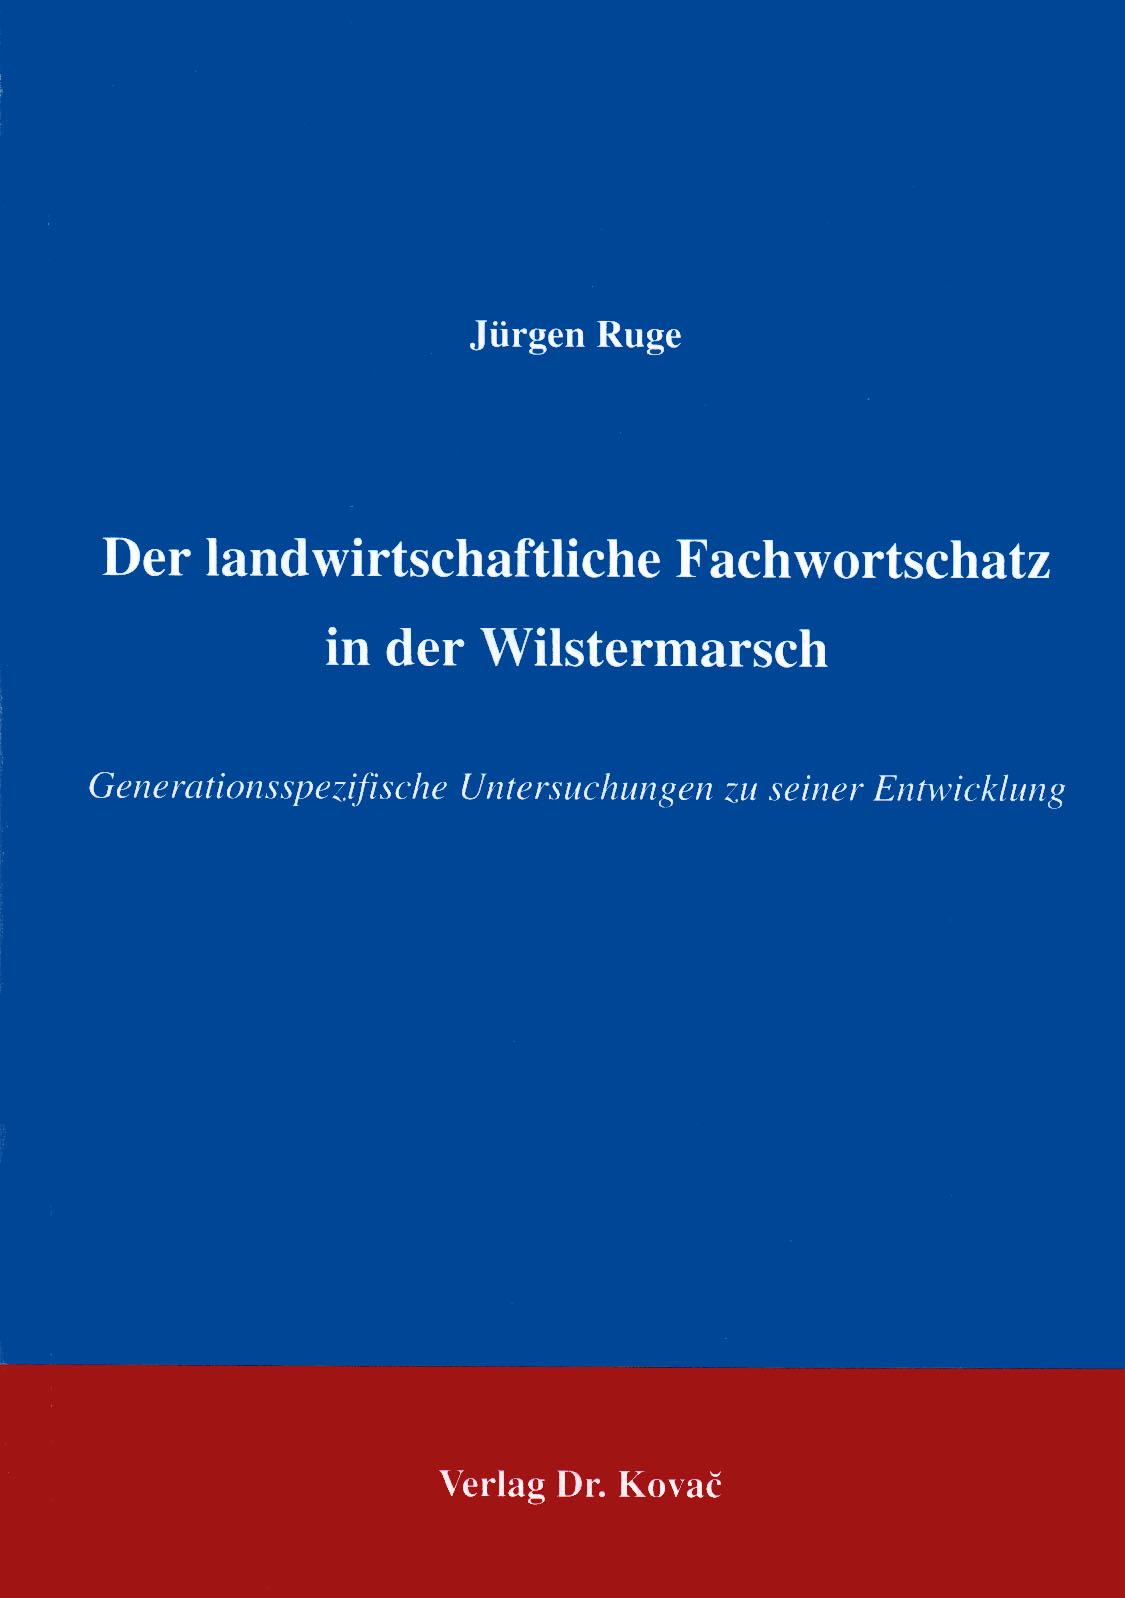 Cover: Der landwirtschaftliche Fachwortschatz in der Wilstermasch